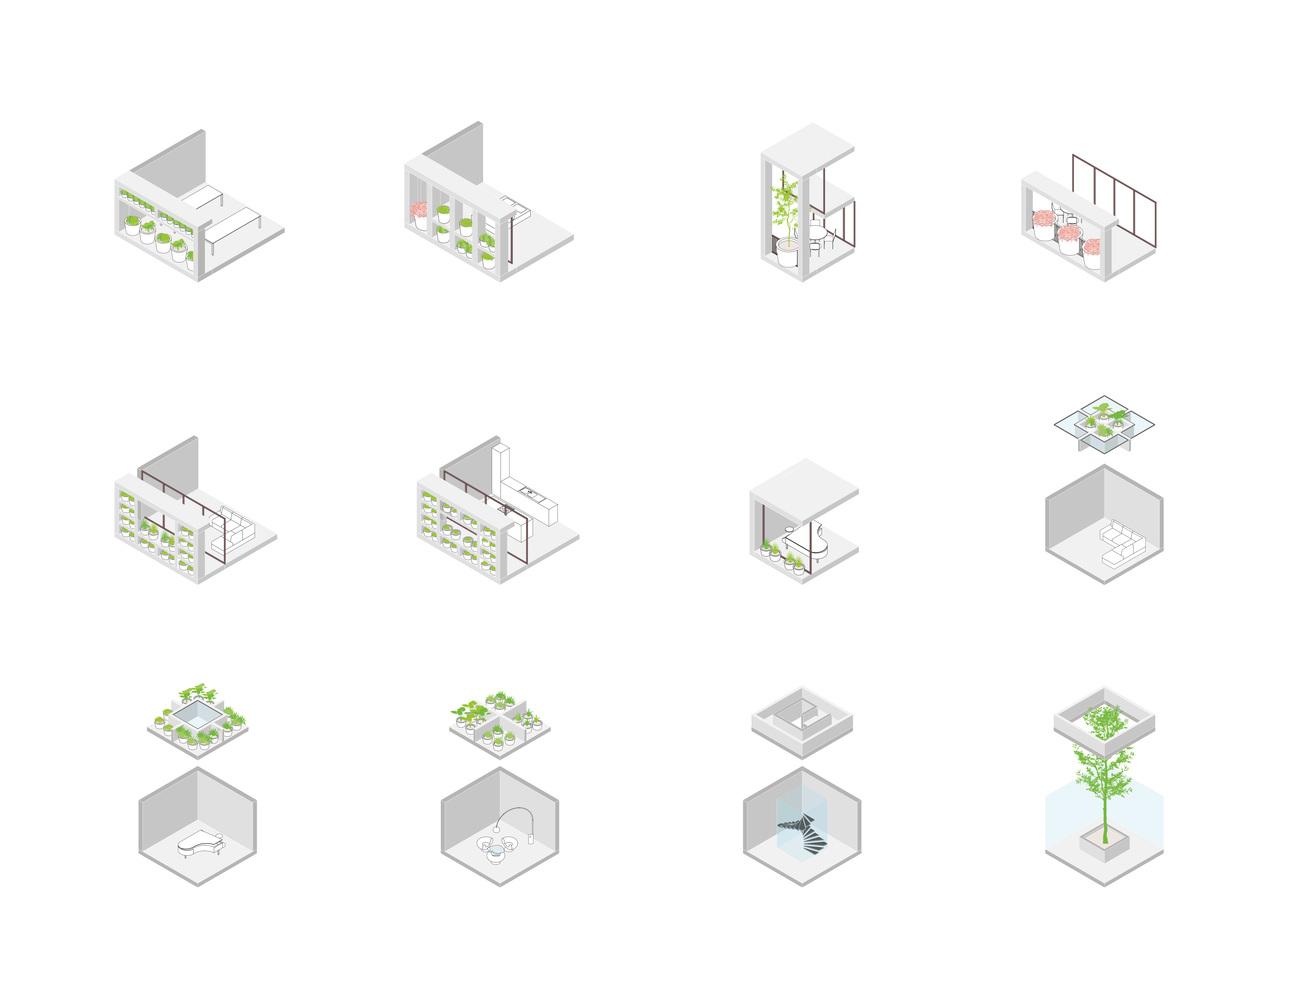 Na parterze czteropiętrowego budynku znajdą się biura dewelopera nieruchomości, na trzech piętrach wyżej będzie pięć mieszkań, a na dole parking podziemny.